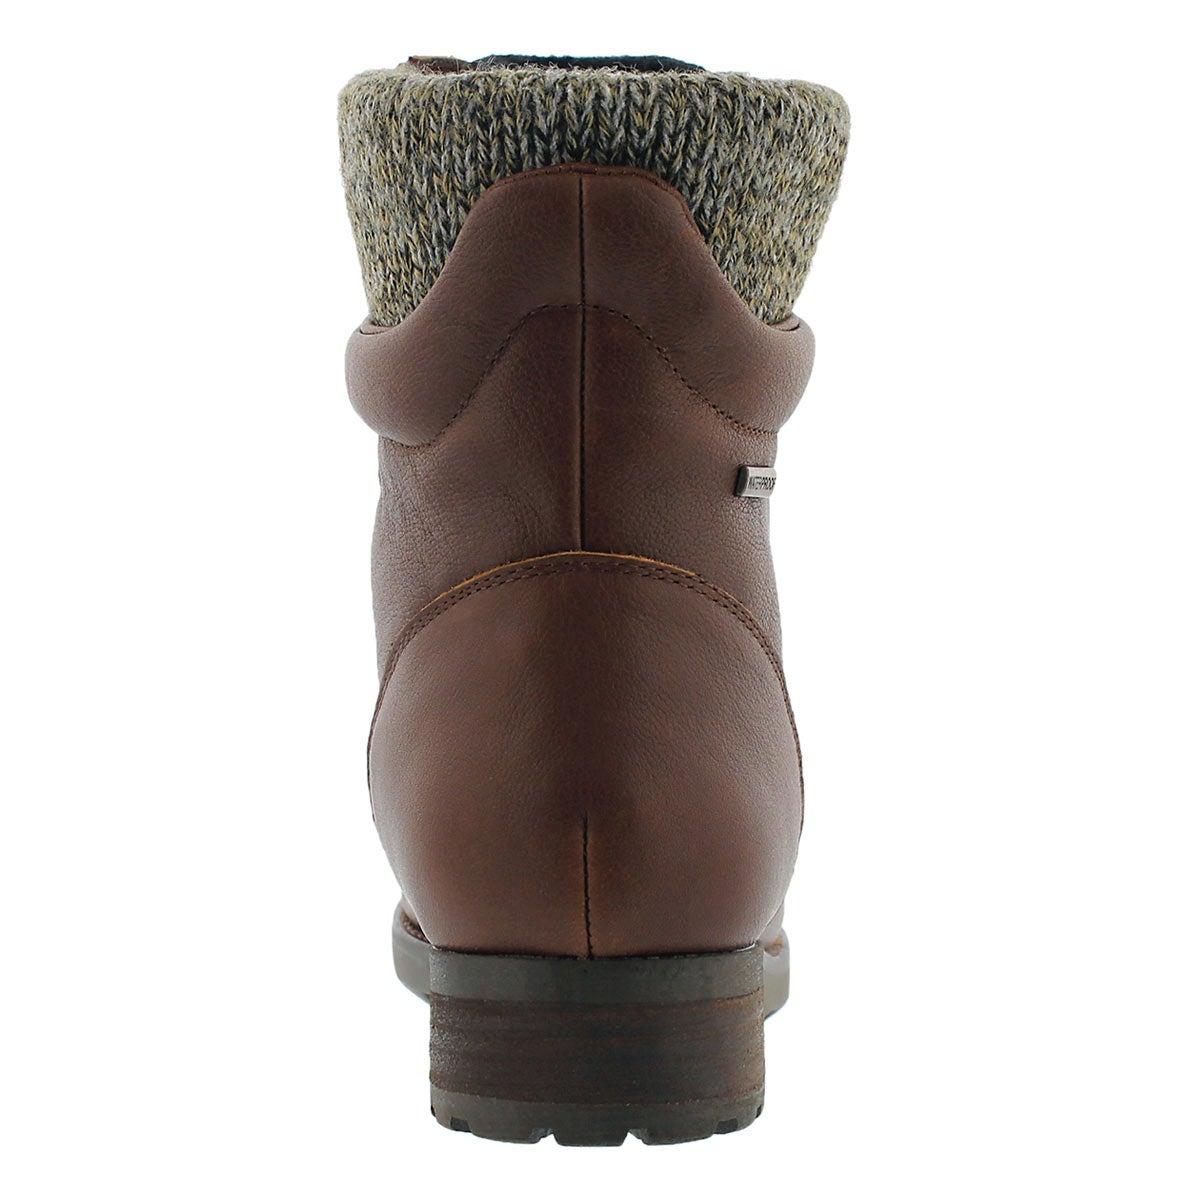 Lds Derry dk brn wtpf winter boot